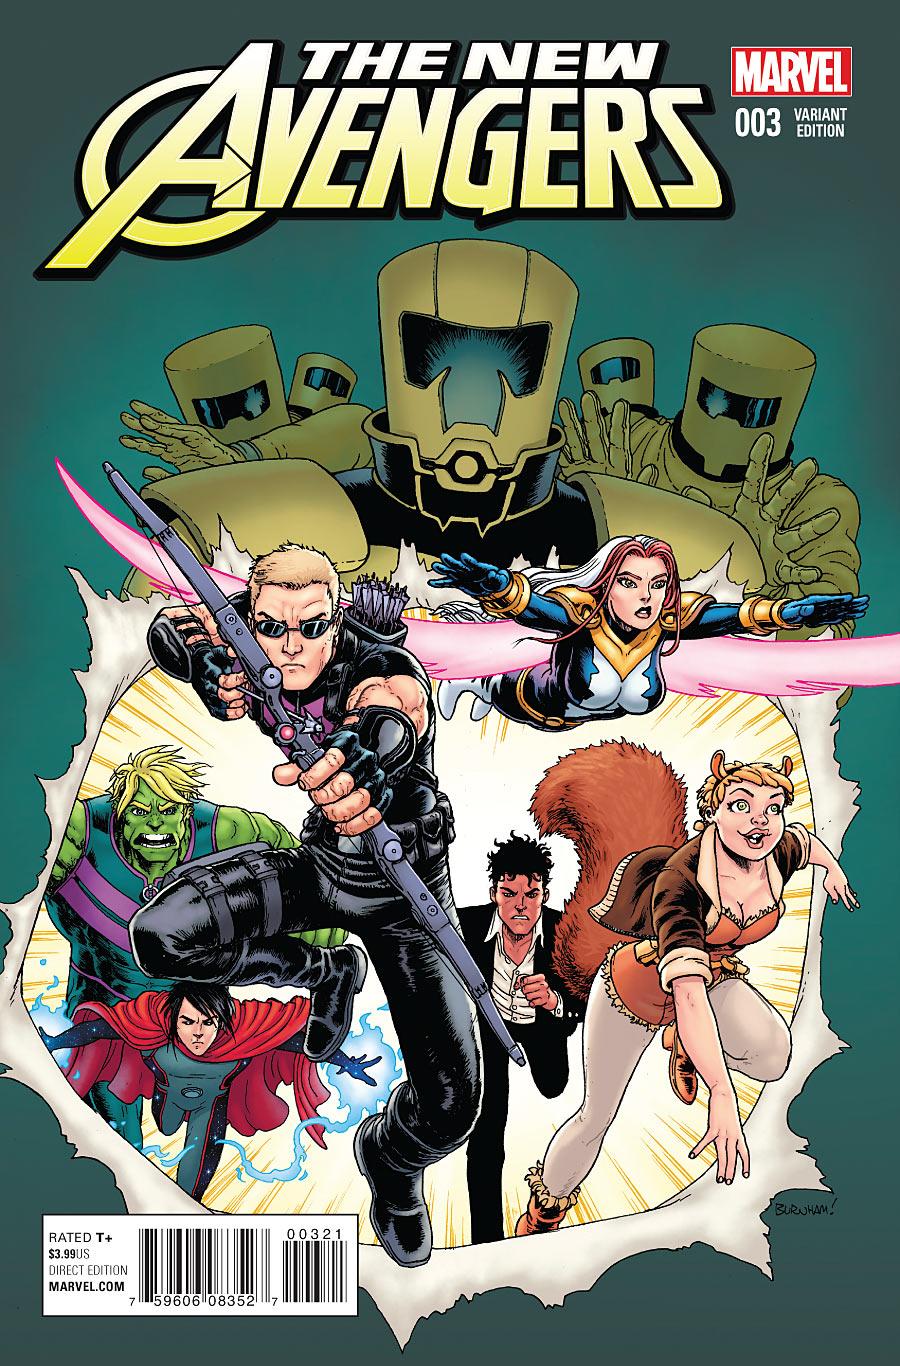 Portada alternativa de The New Avengers Vol 4 #3. Por Burnham.